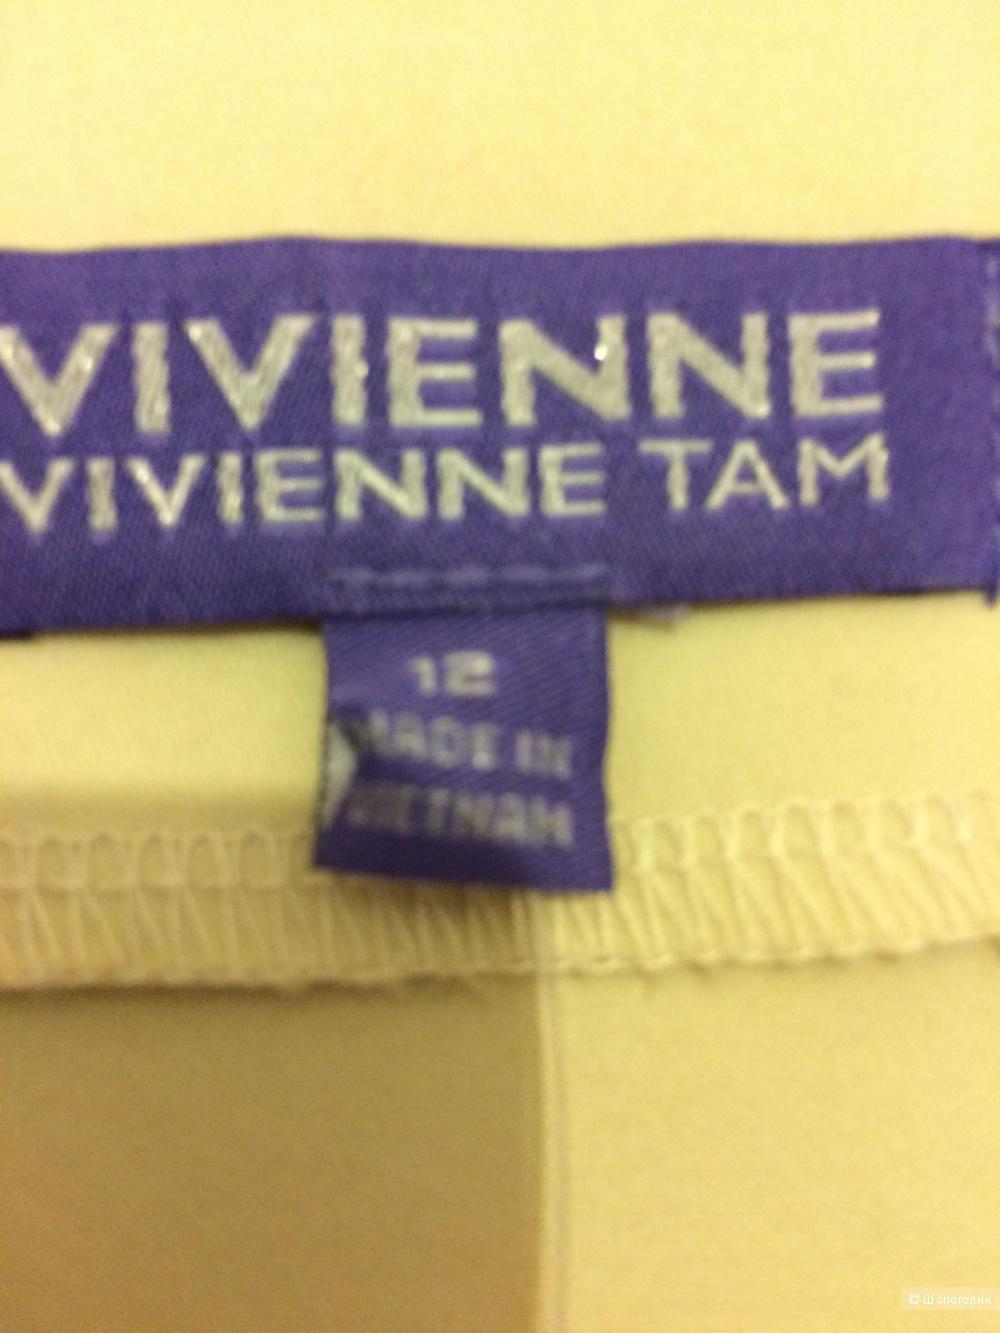 Платье Vivienne Vivienne Tam, размер 12 US